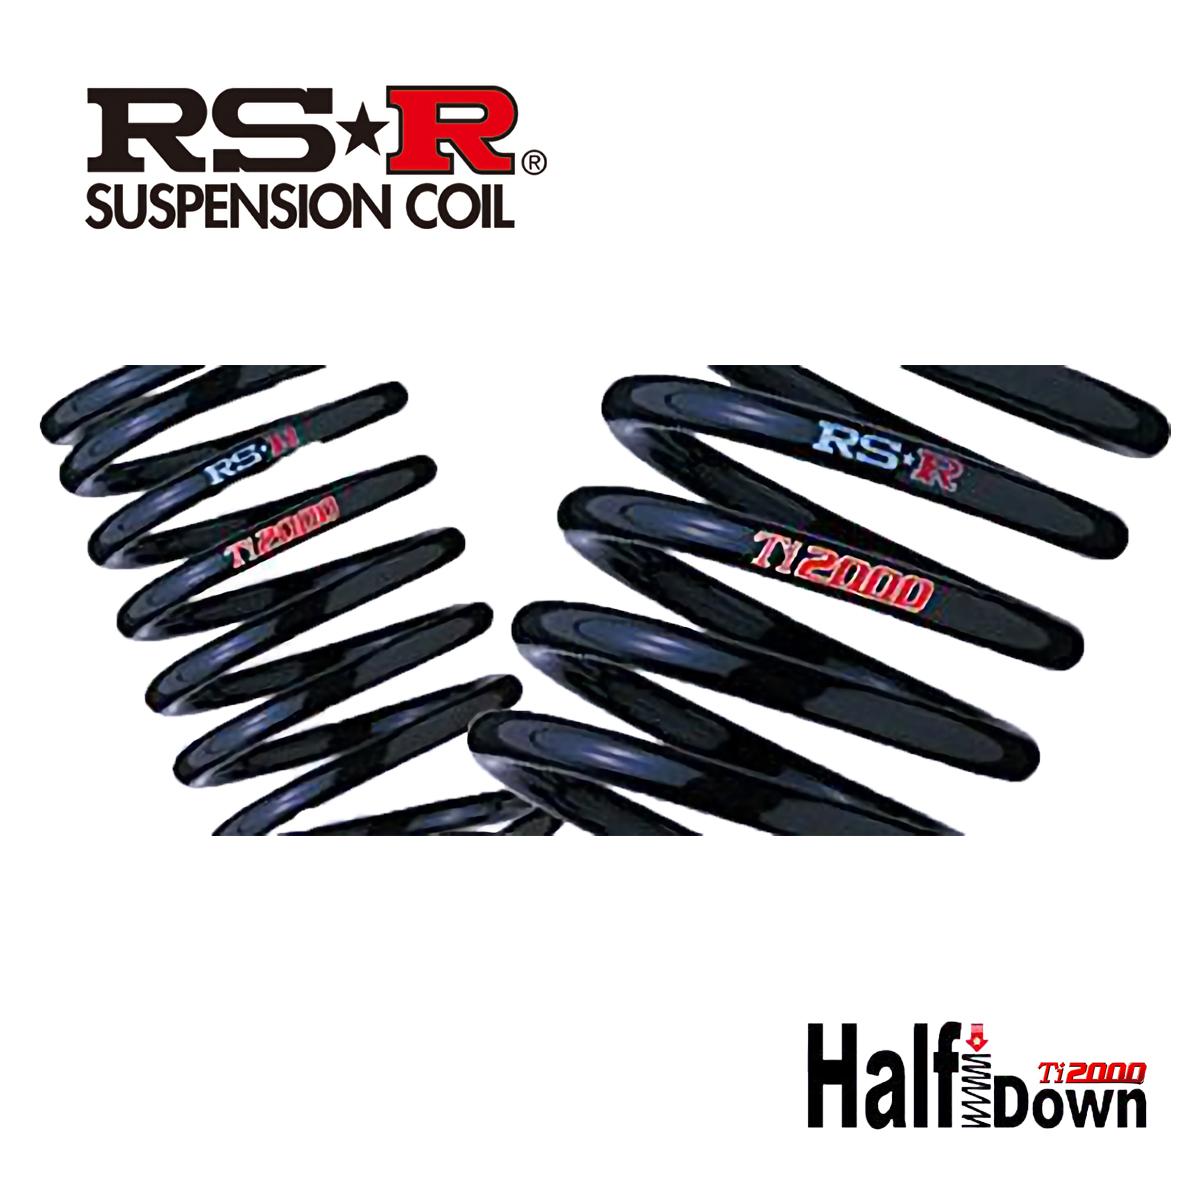 RS-R トール カスタムG SAII M900S ダウンサス スプリング リア T513THDR Ti2000 ハーフダウン RSR 個人宅発送追金有